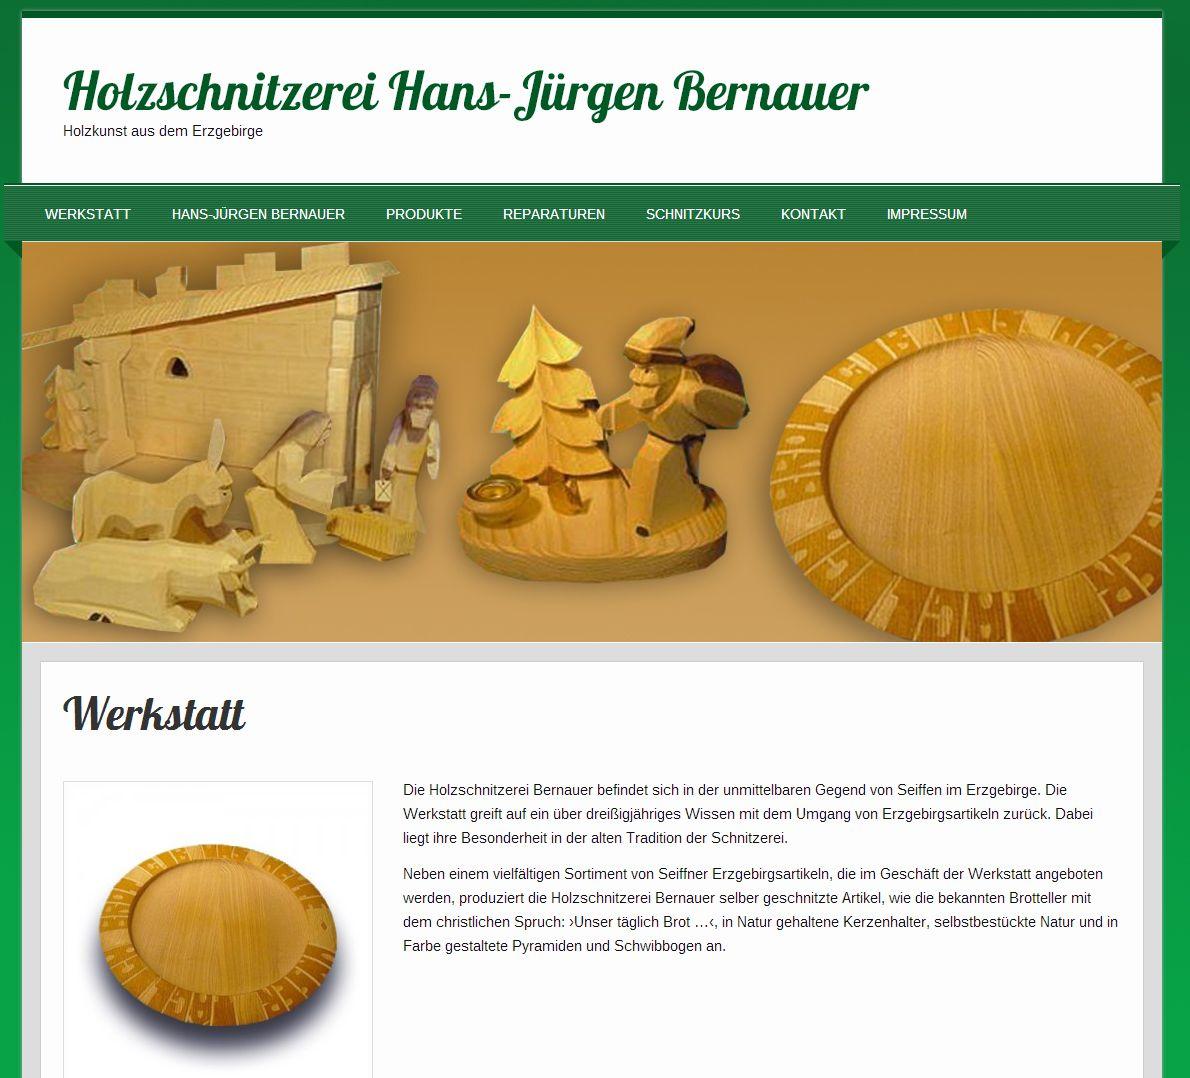 2014 Holzschnitzerei Hans-Juergen Bernauer Caemmerswalde Erzgebirge